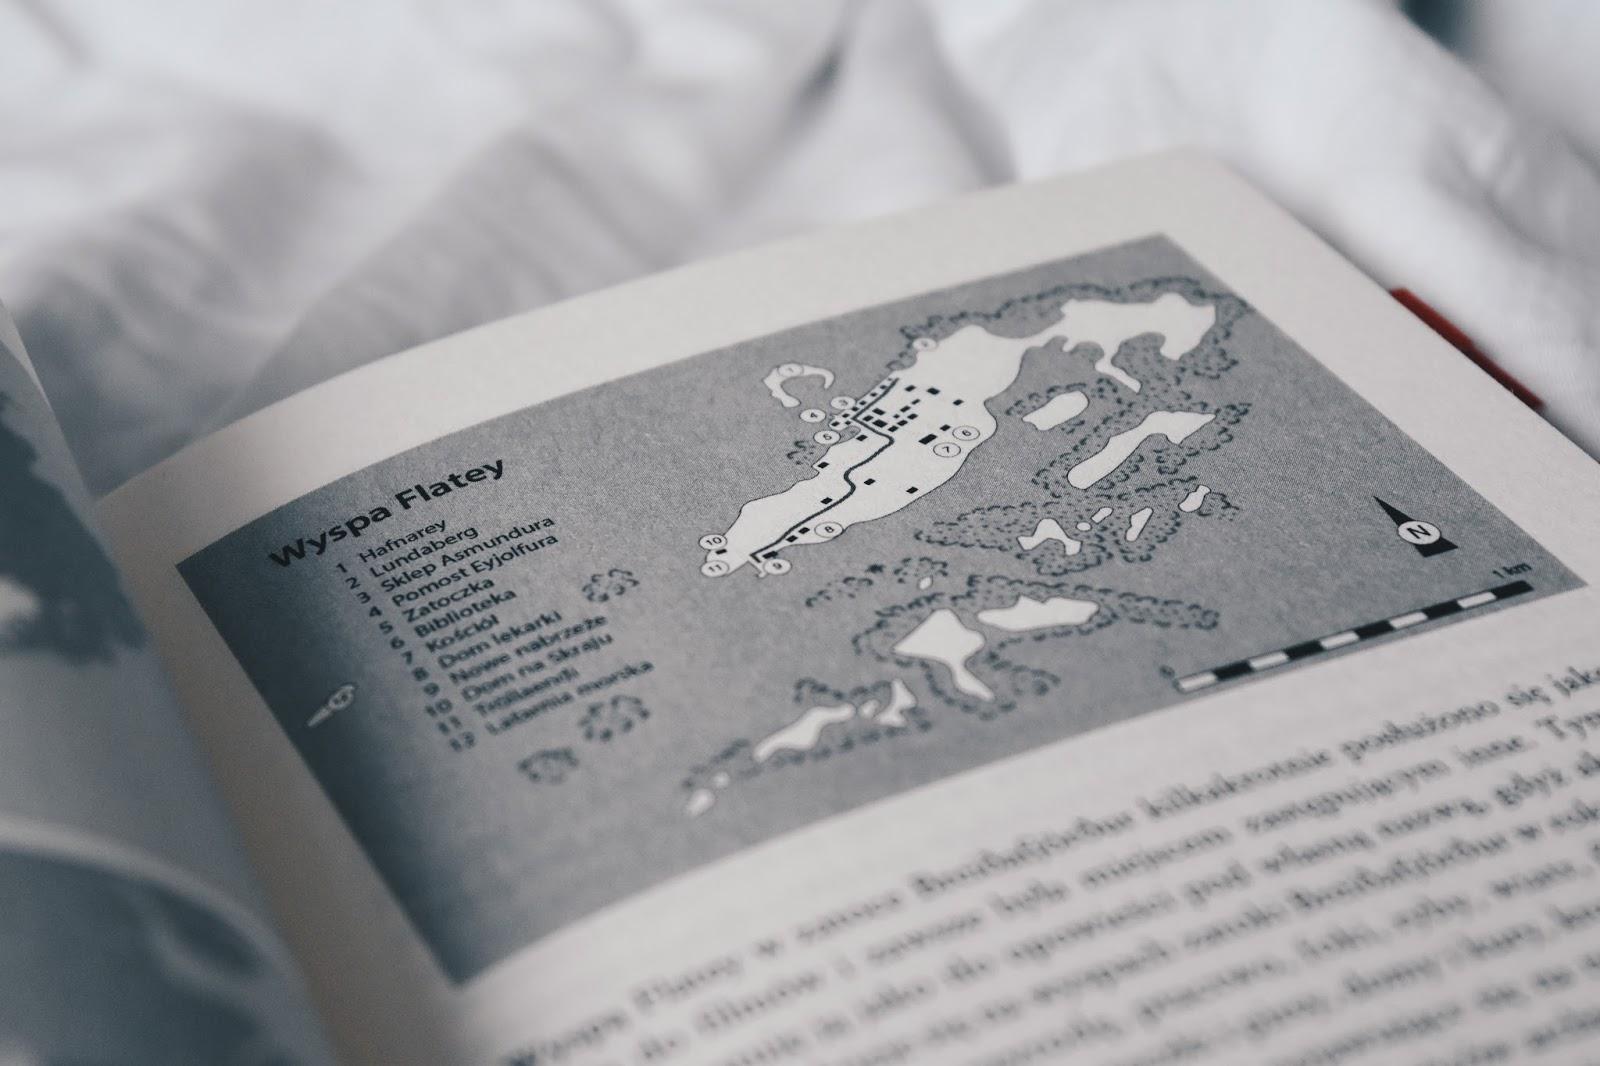 Tajemnica wyspy Flatey, fajny kryminał, lekki kryminał, wikingowie, mitologia nordycka,Editio black